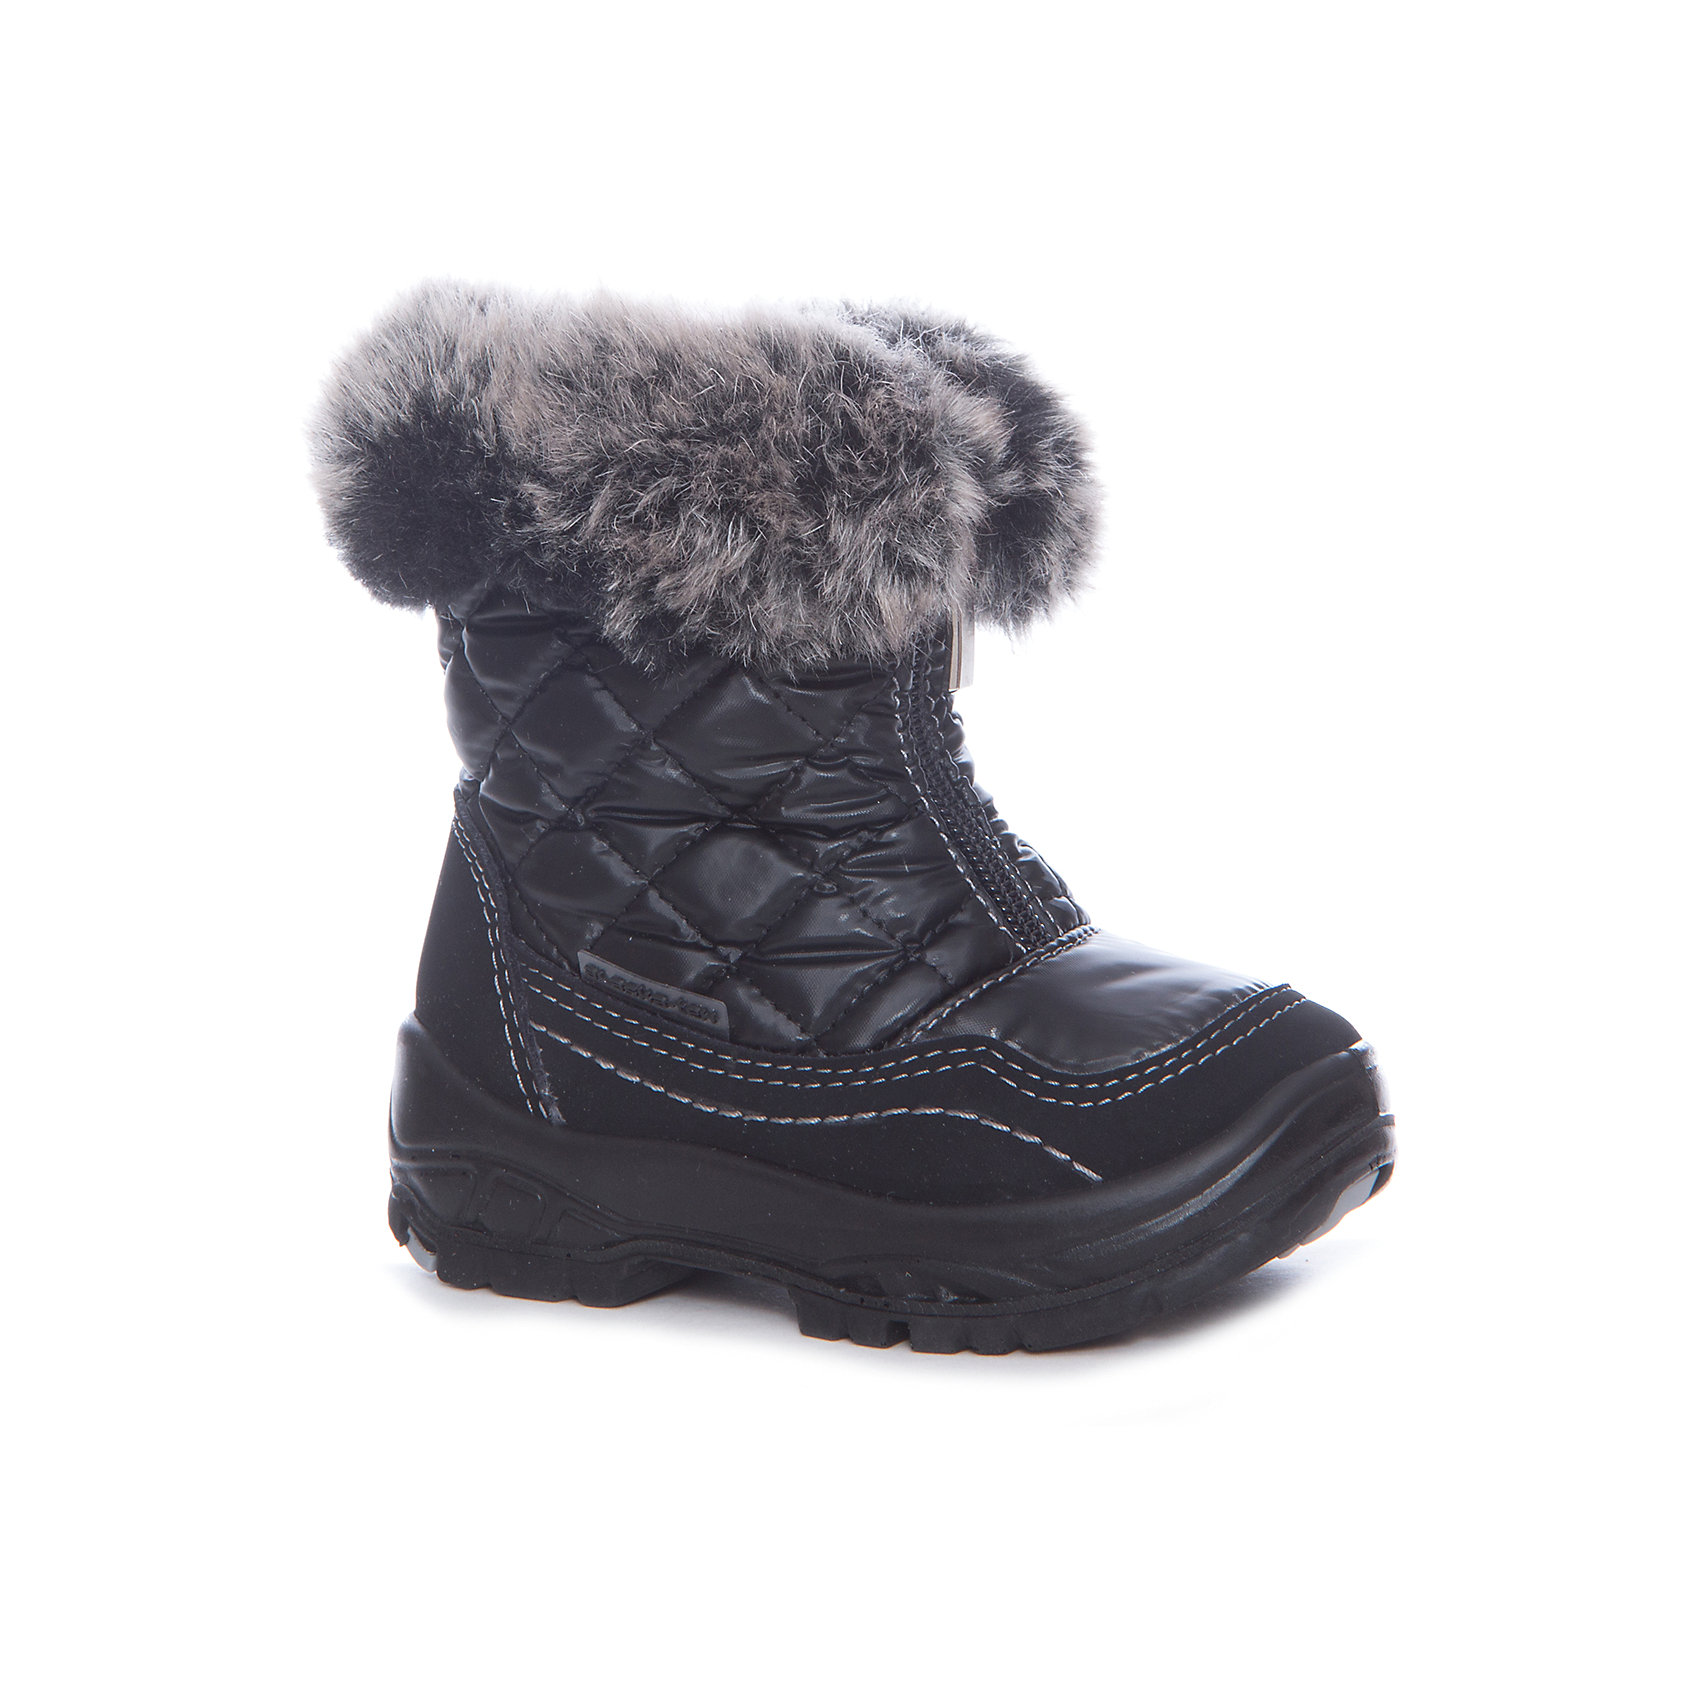 Сапоги для девочки Alaska OriginaleСапоги для девочки Alaska Originale<br>Зимняя обувь с мембранным слоем для активных прогулок. Температурный режим от 0 до -25С.<br>Состав: Верх:54%ПЭ;46%ПА ; Подкладка:100%овечья шерсть Подошва:Полиуретан+Термополиуретан<br><br>Ширина мм: 257<br>Глубина мм: 180<br>Высота мм: 130<br>Вес г: 420<br>Цвет: черный<br>Возраст от месяцев: 9<br>Возраст до месяцев: 12<br>Пол: Женский<br>Возраст: Детский<br>Размер: 20,27,26,25,24,23,22,21<br>SKU: 5134293